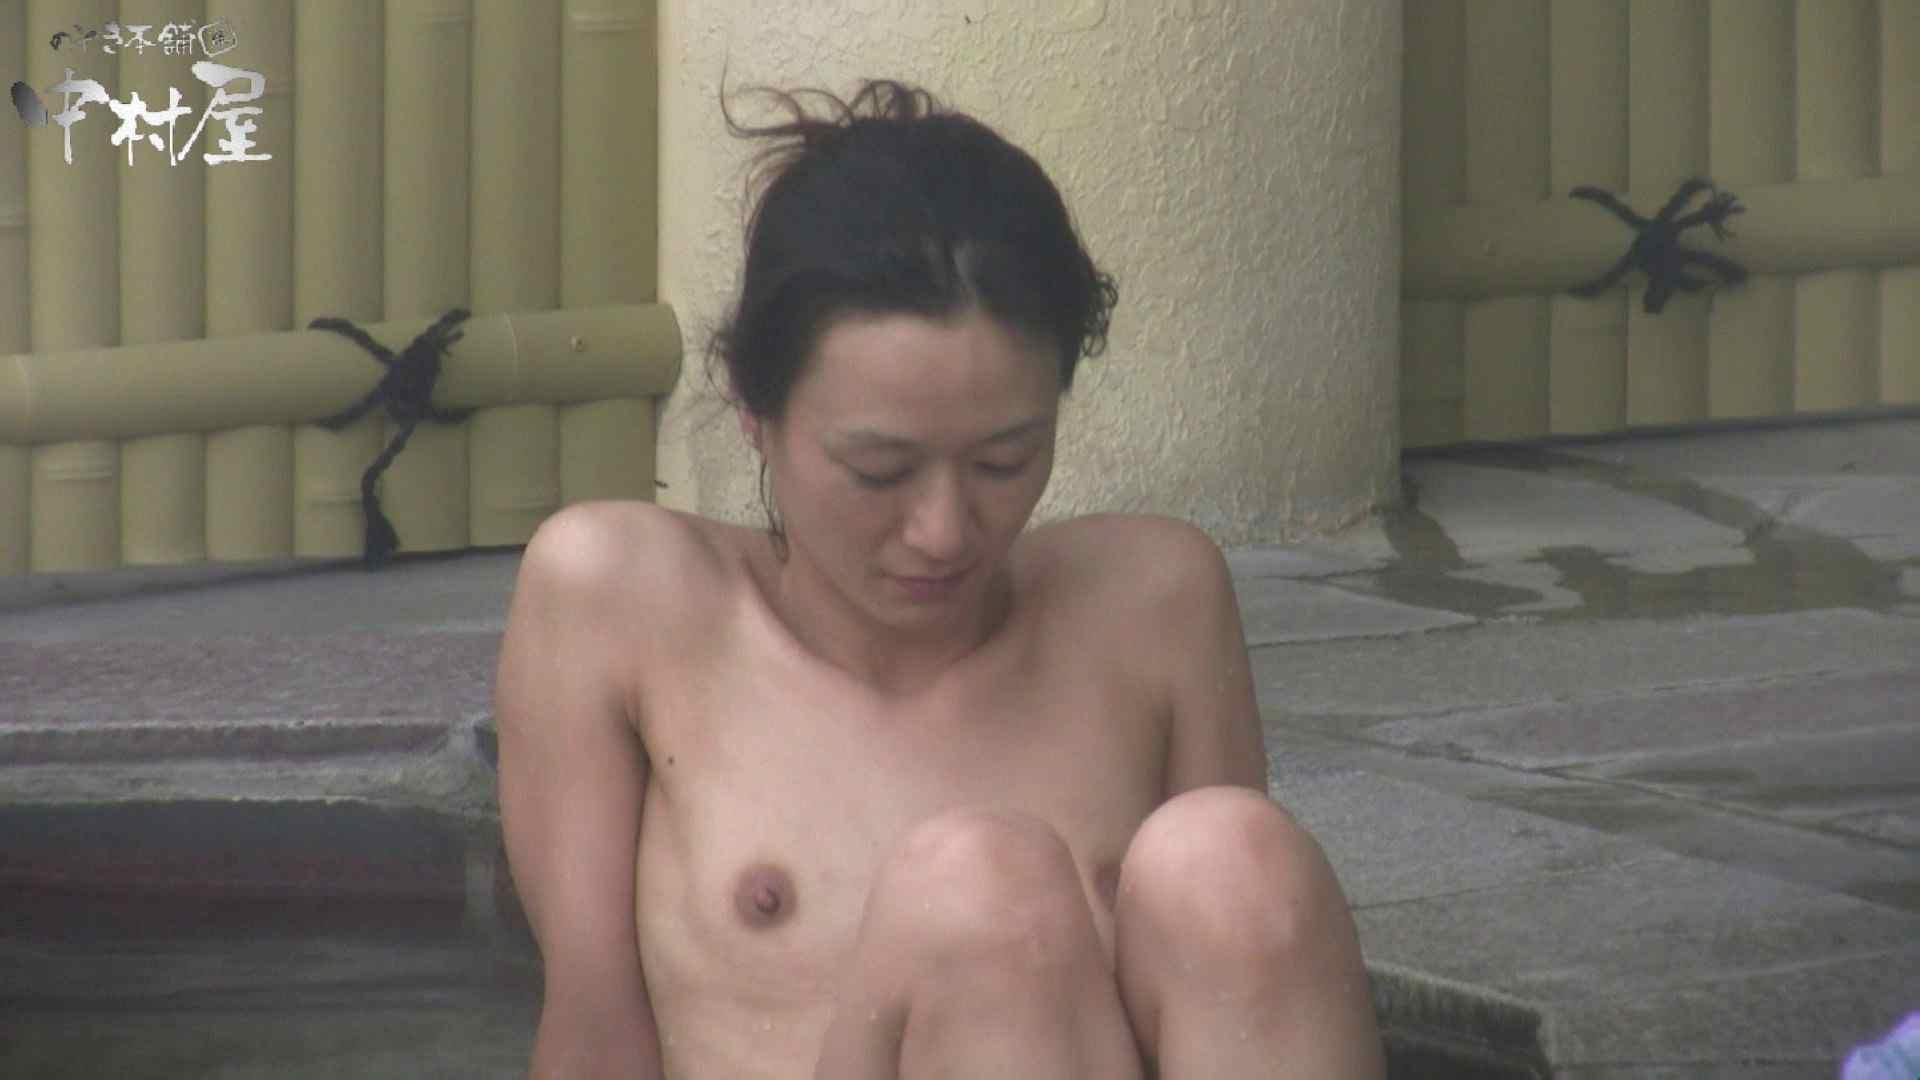 Aquaな露天風呂Vol.928 露天風呂 | 盗撮動画  10枚 3